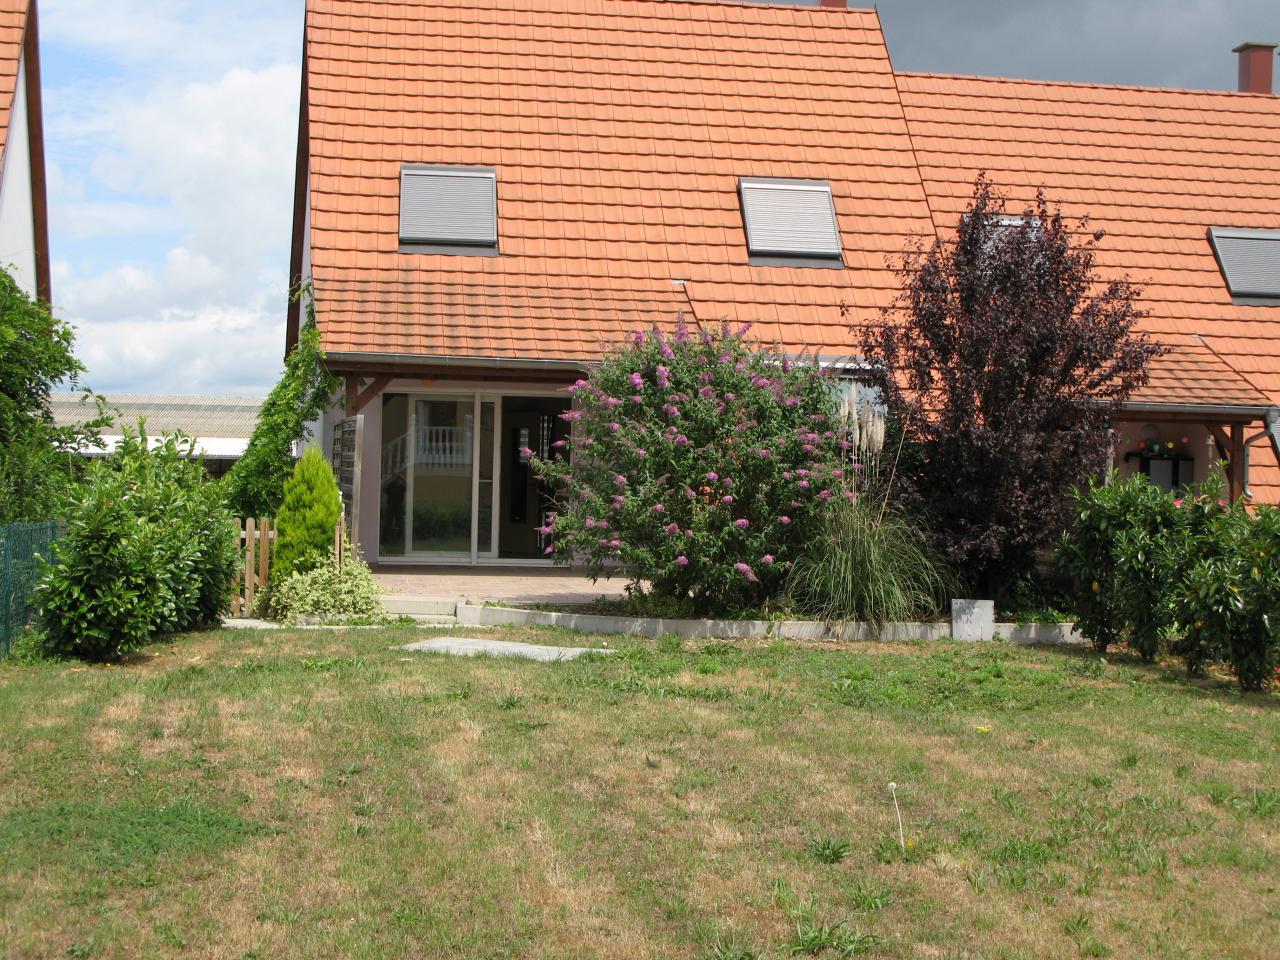 NiedermodernB4 vue jardin terrasse